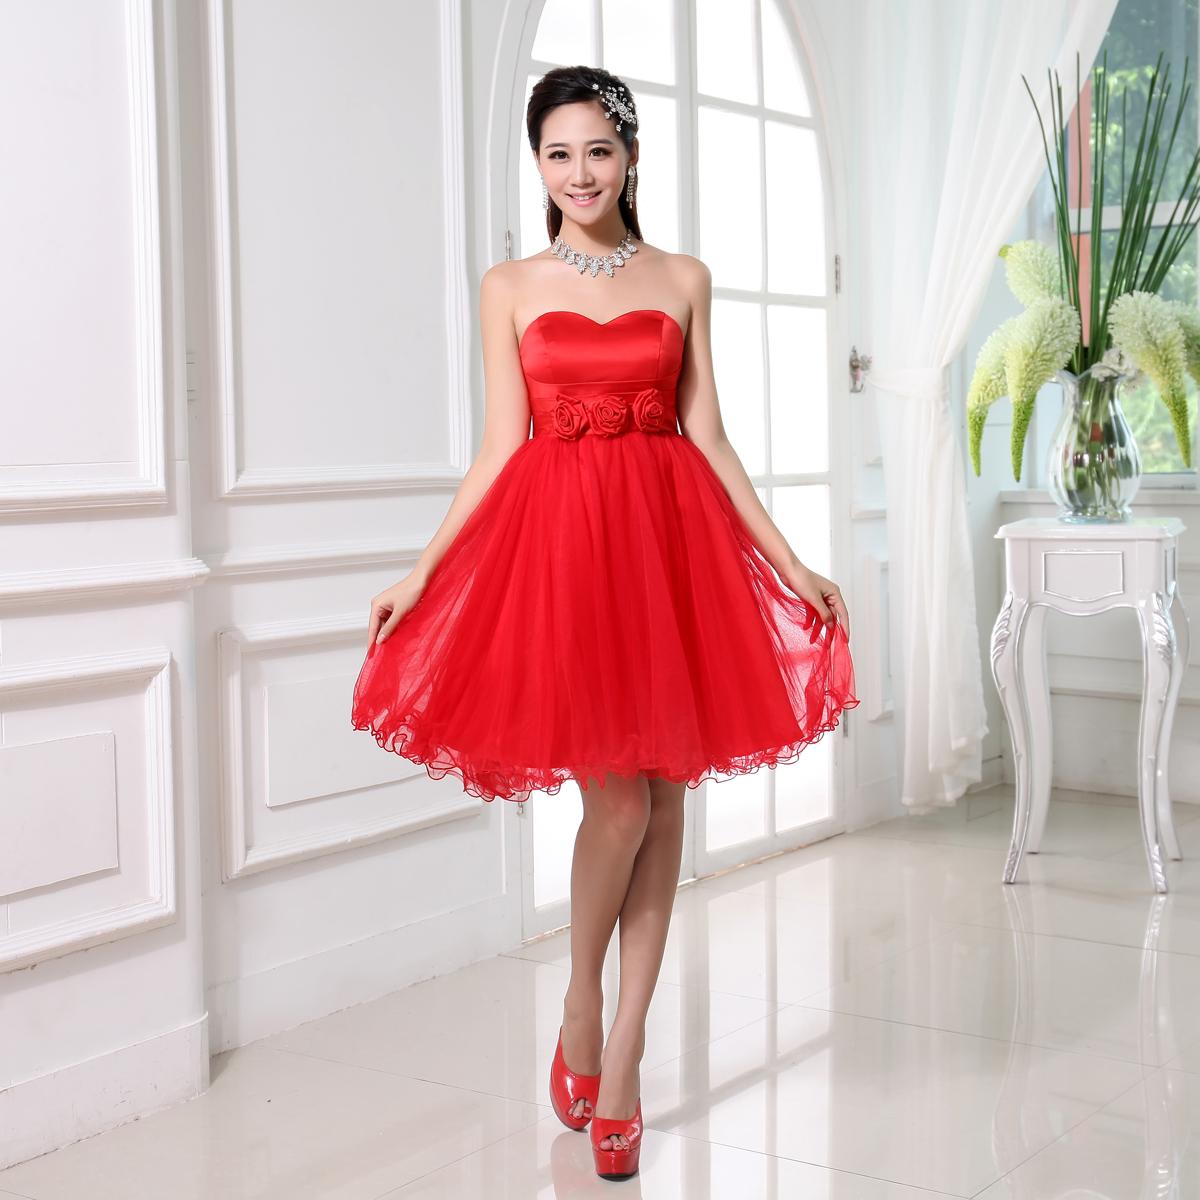 2013新款伴娘服秋冬短款红色伴娘团姐妹裙新娘短款小礼服敬酒服